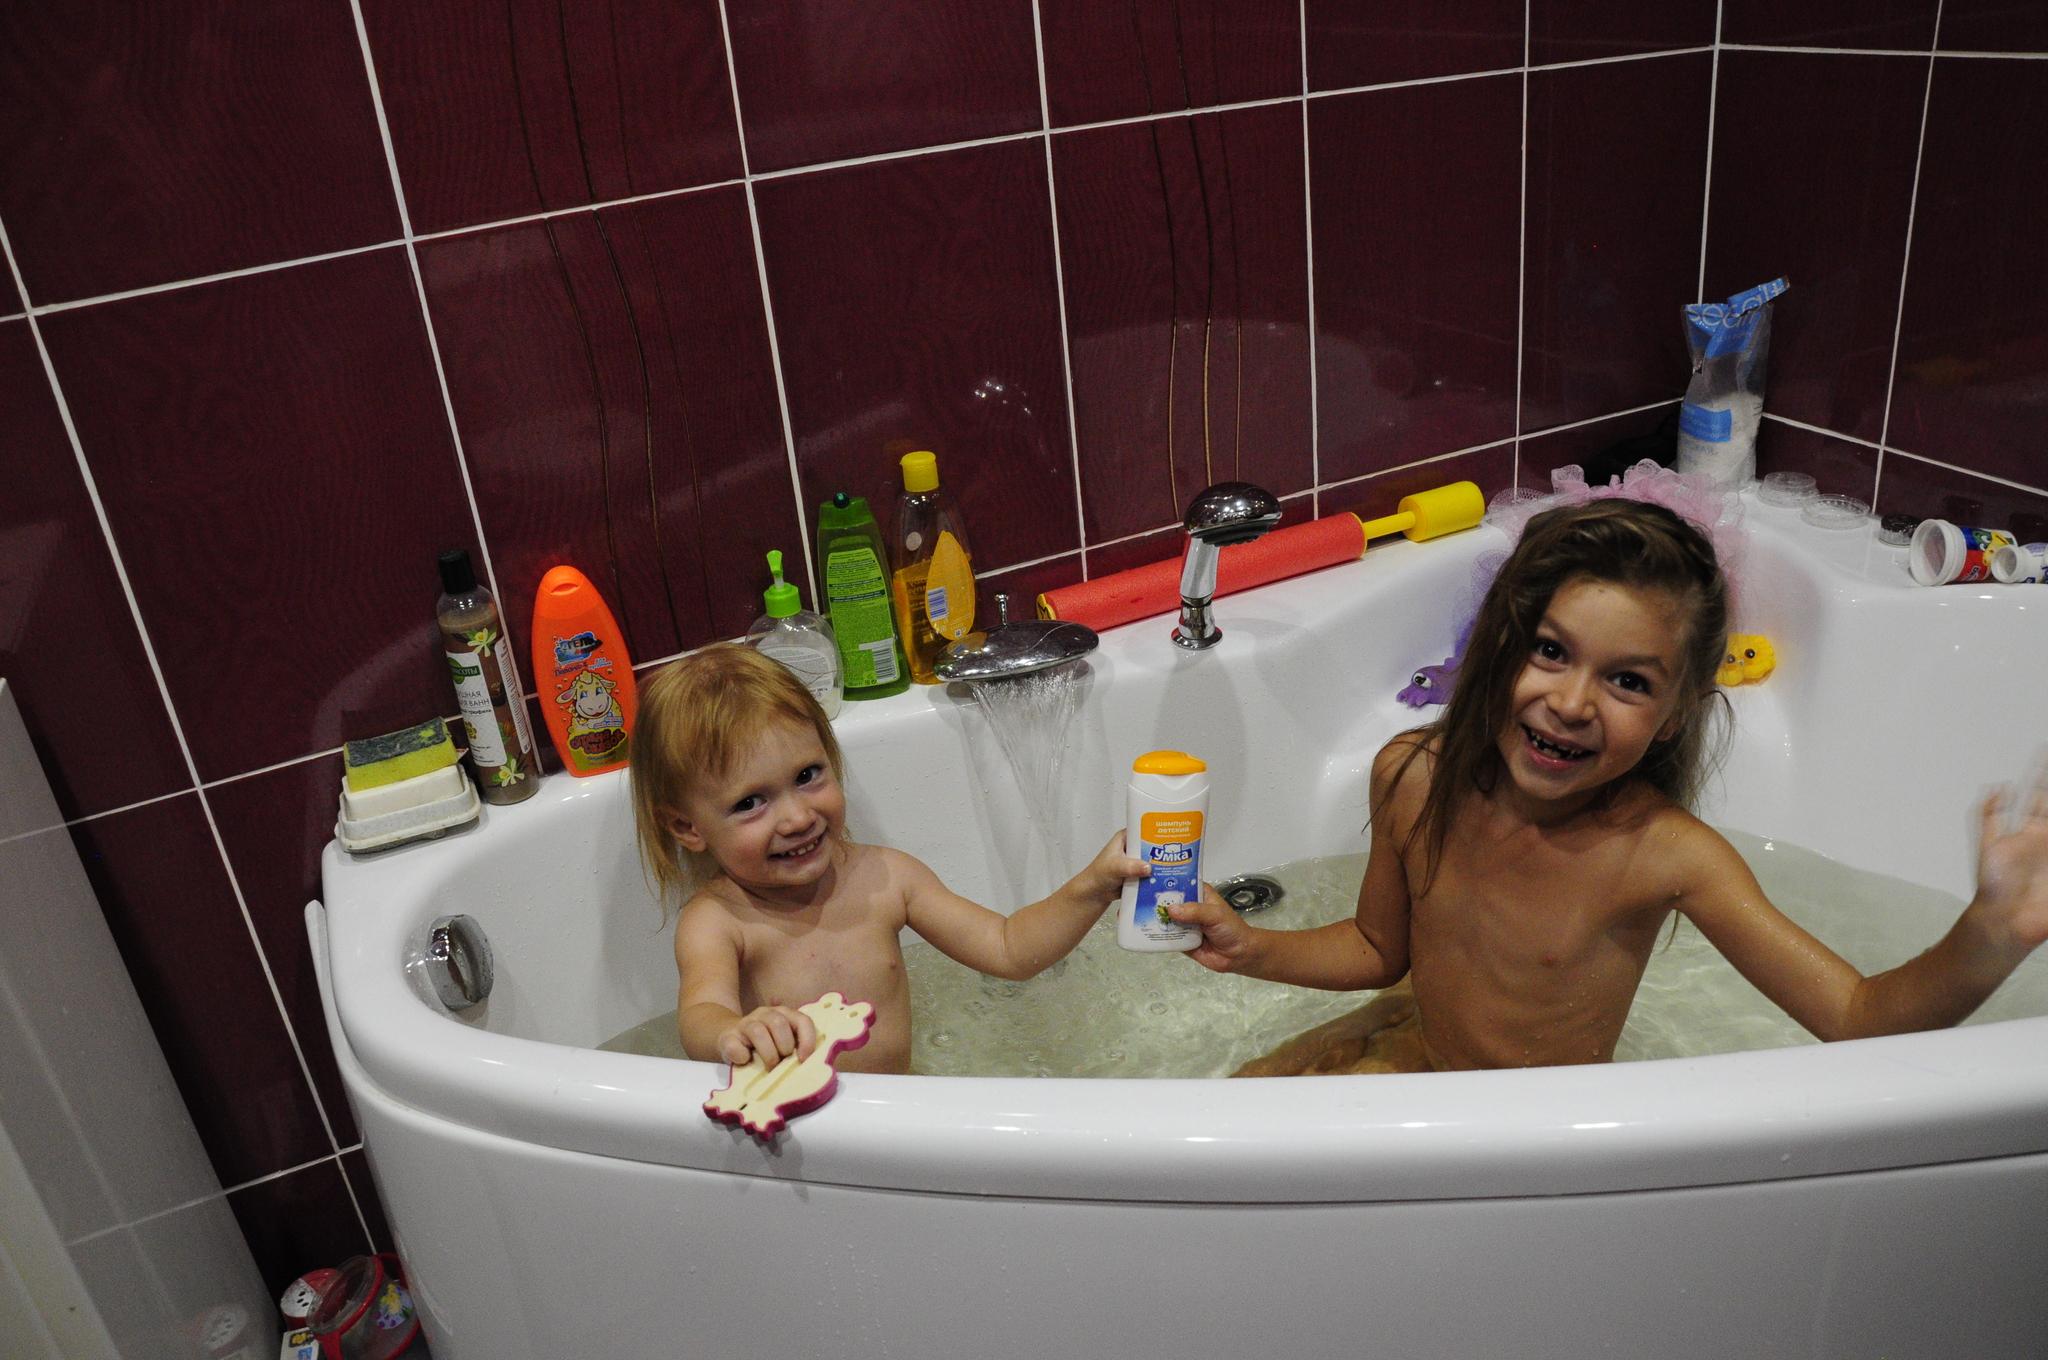 Трахает сын маму в ванной фото, в ванной с мамой - порно фото поиск 24 фотография